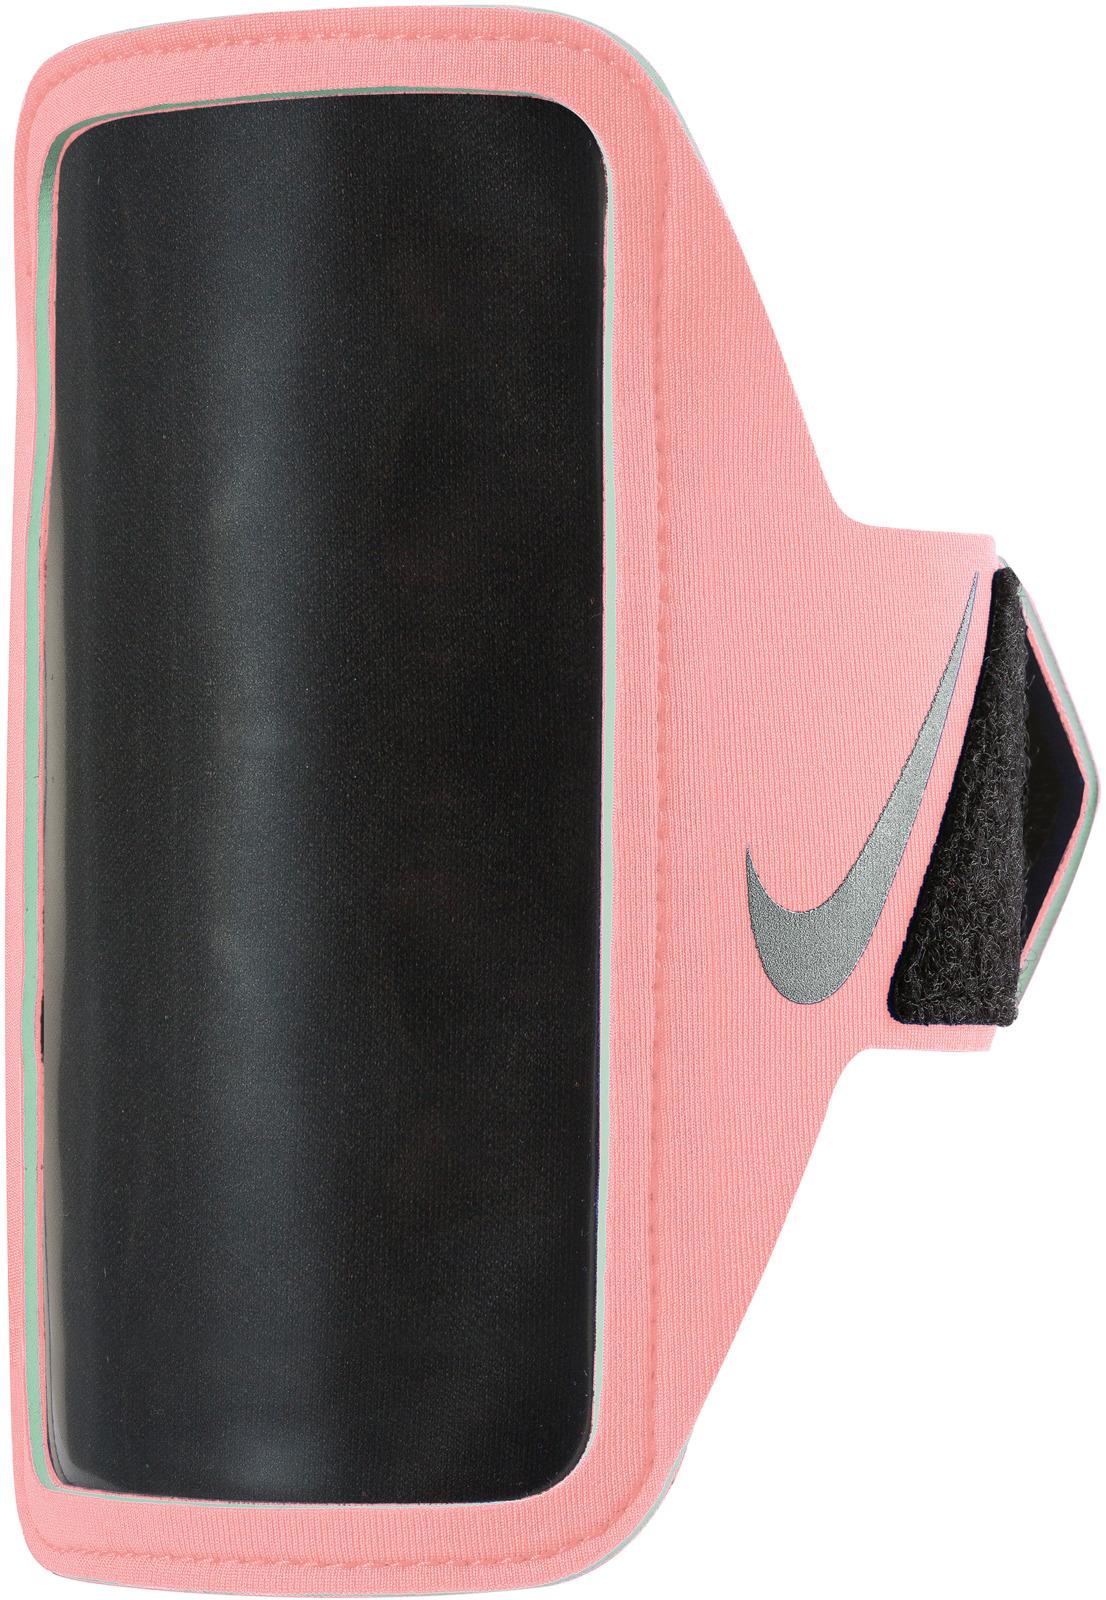 Чехол для телефона на руку Nike, цвет: розовый, серебряный. N.RN.65.698.OS